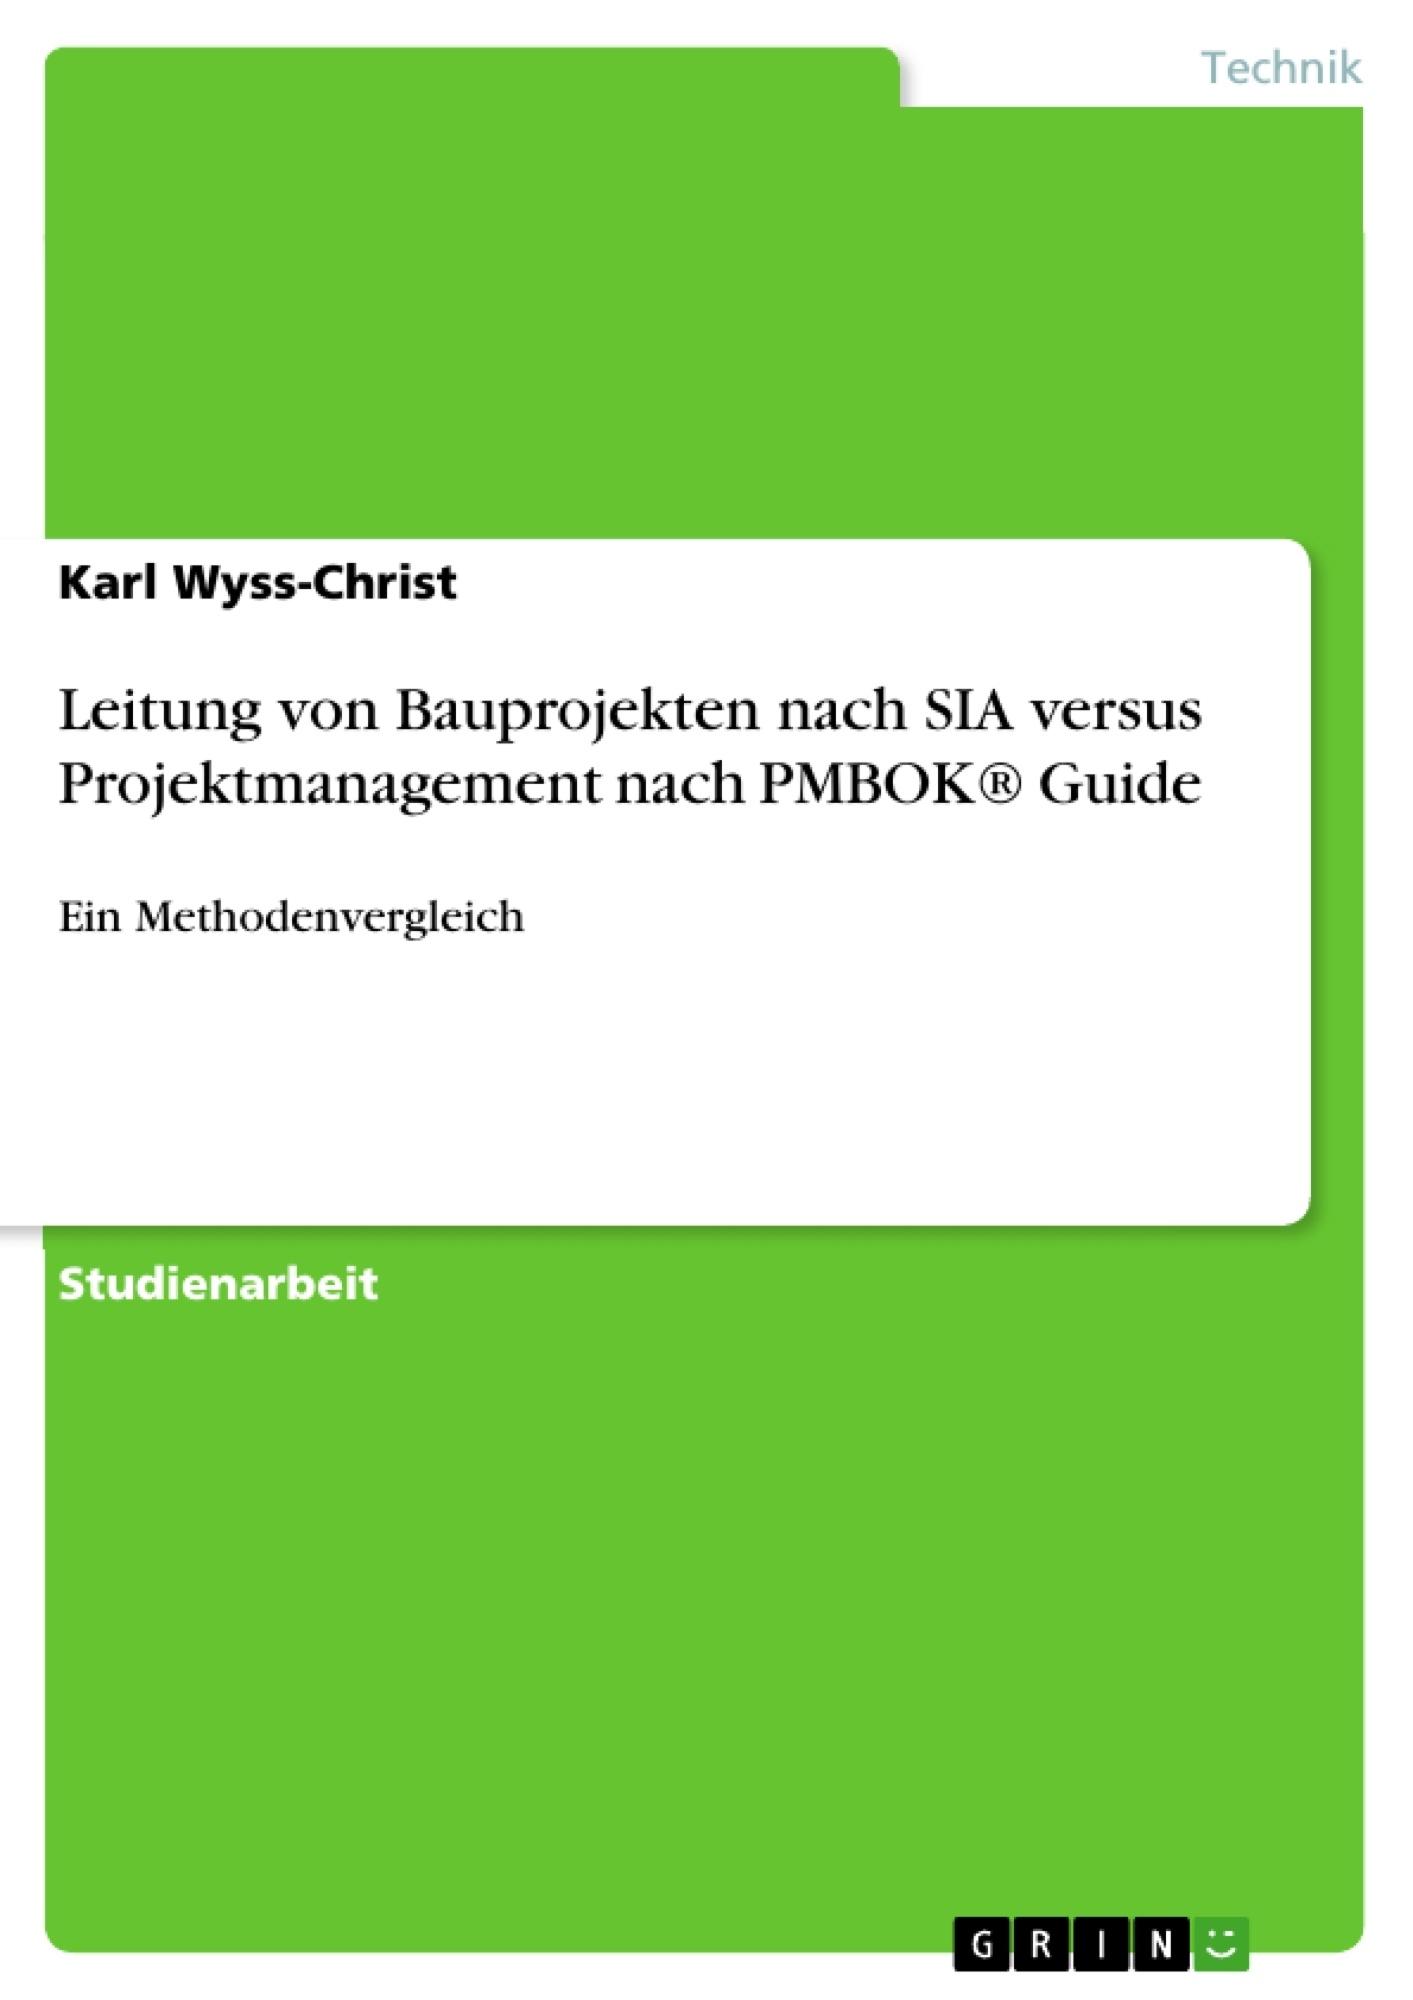 Titel: Leitung von Bauprojekten nach SIA versus Projektmanagement nach PMBOK® Guide